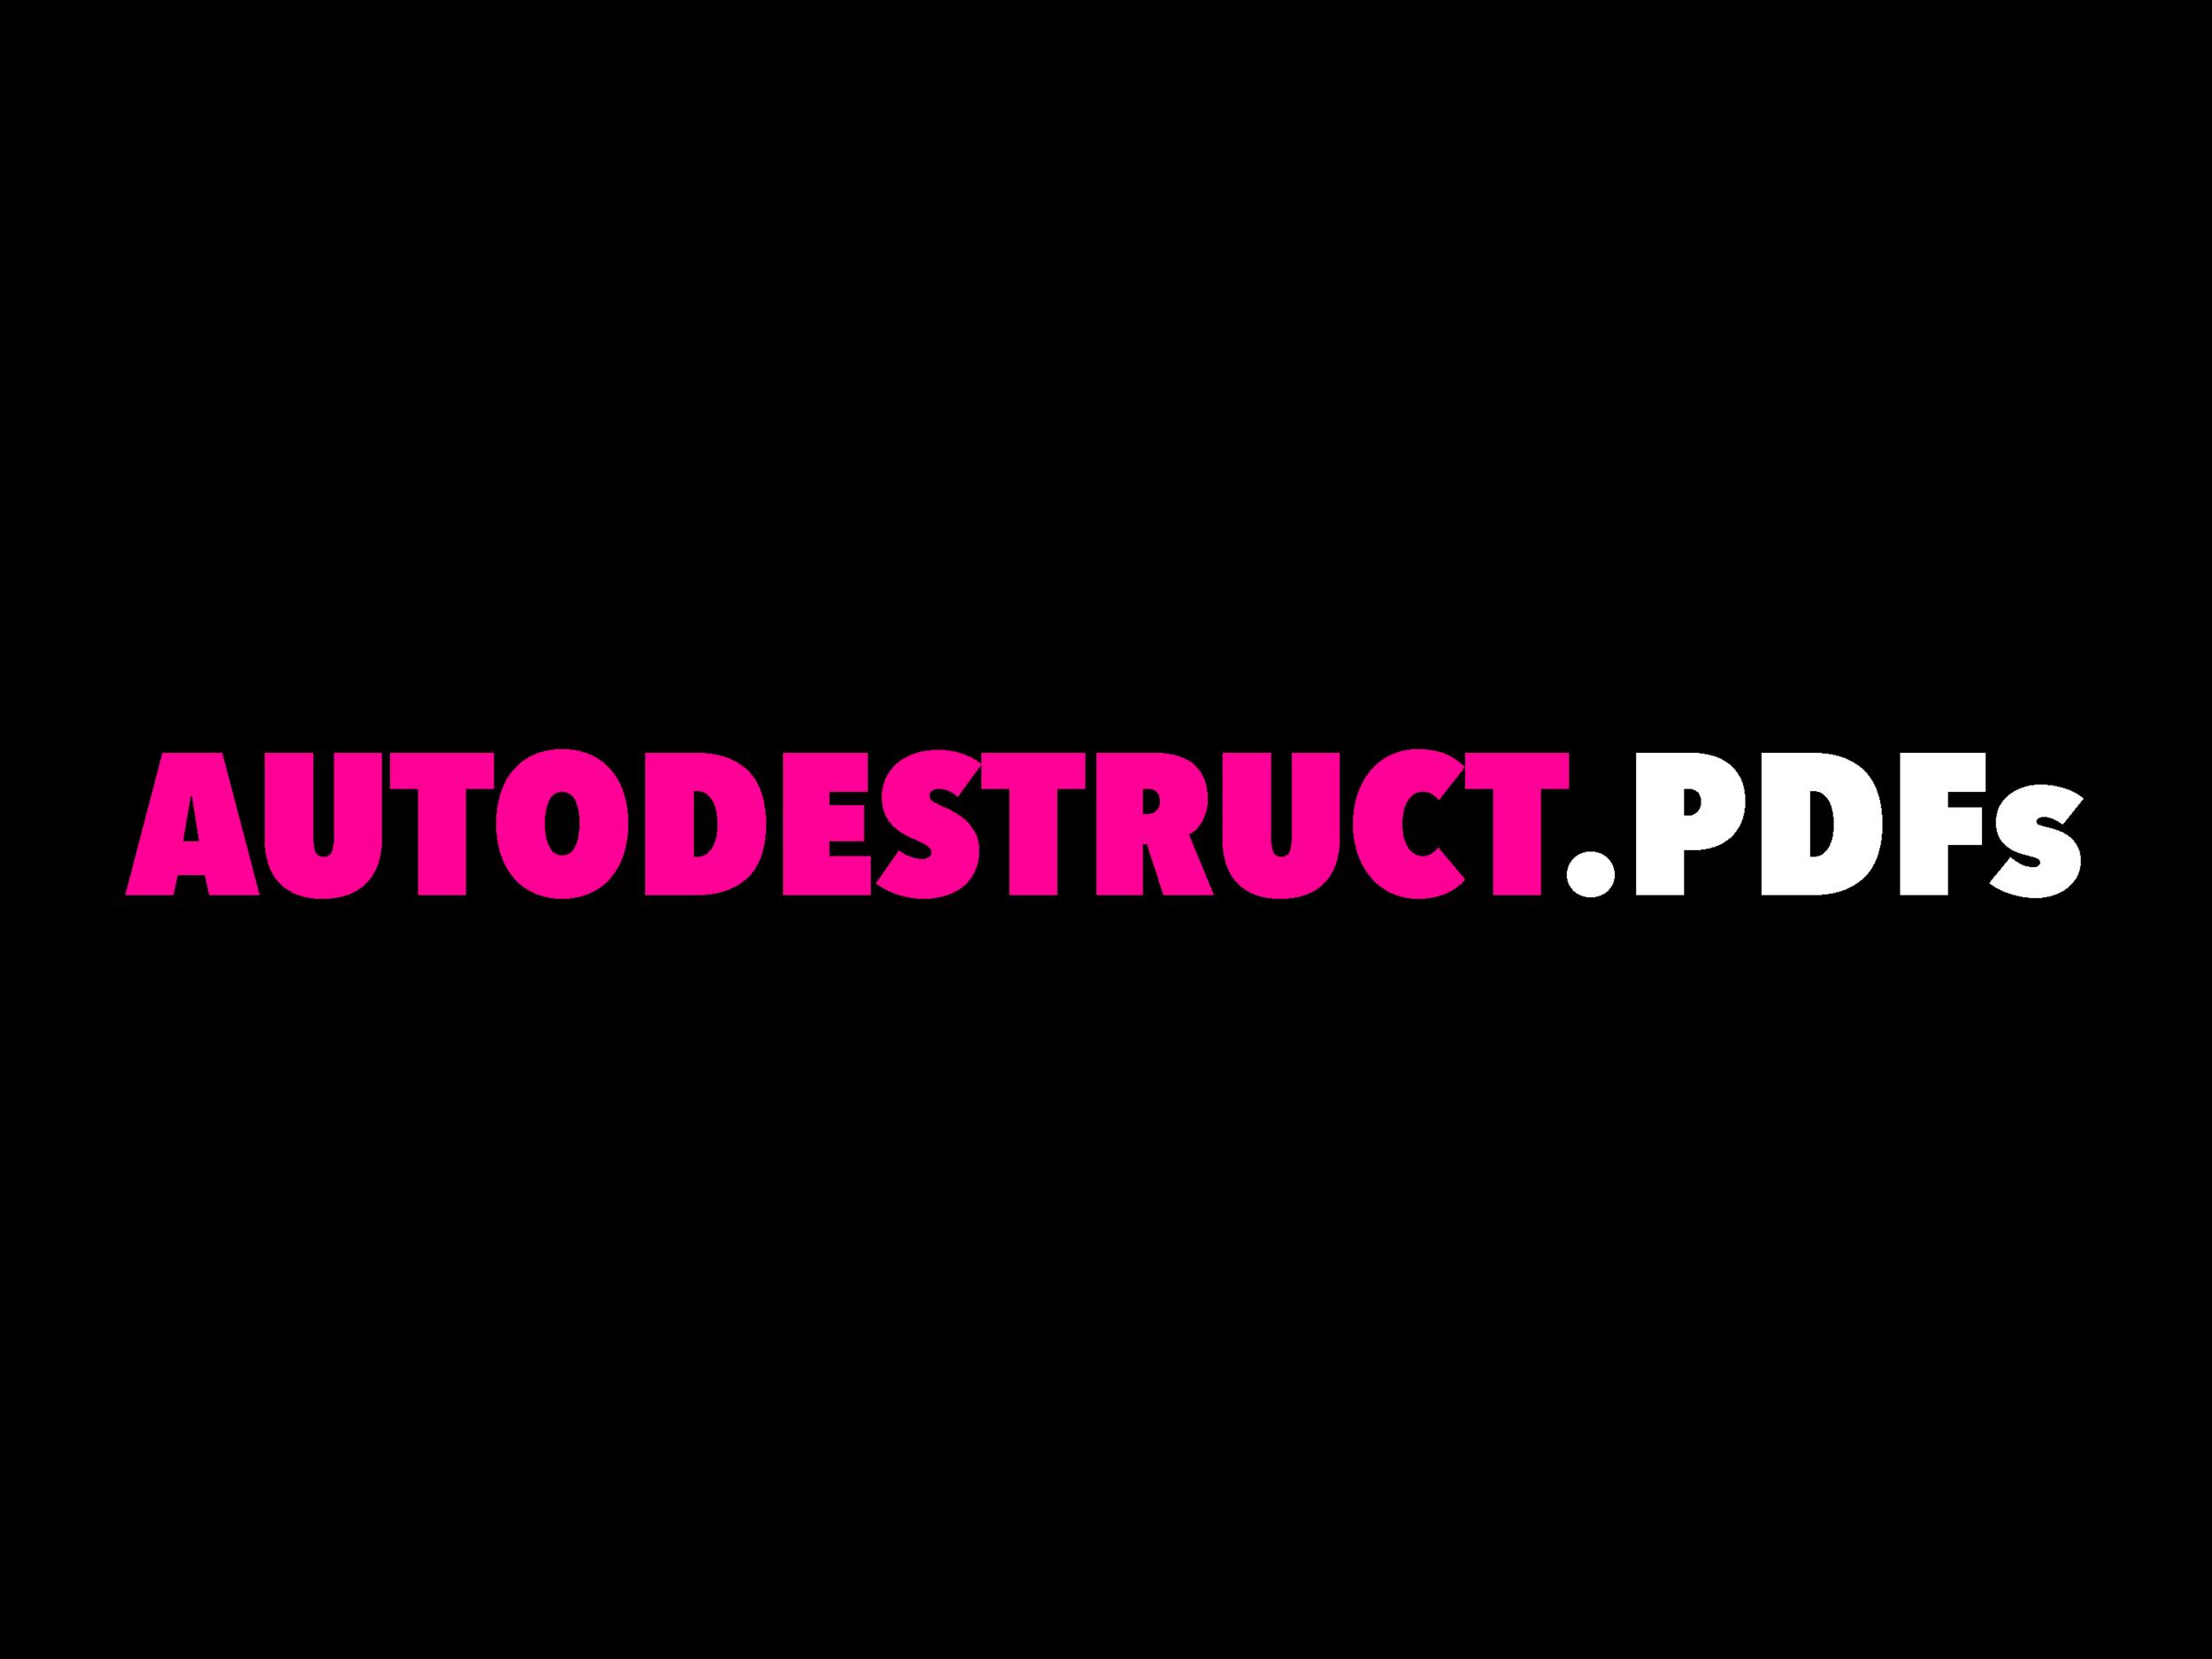 ADB pdf1.png